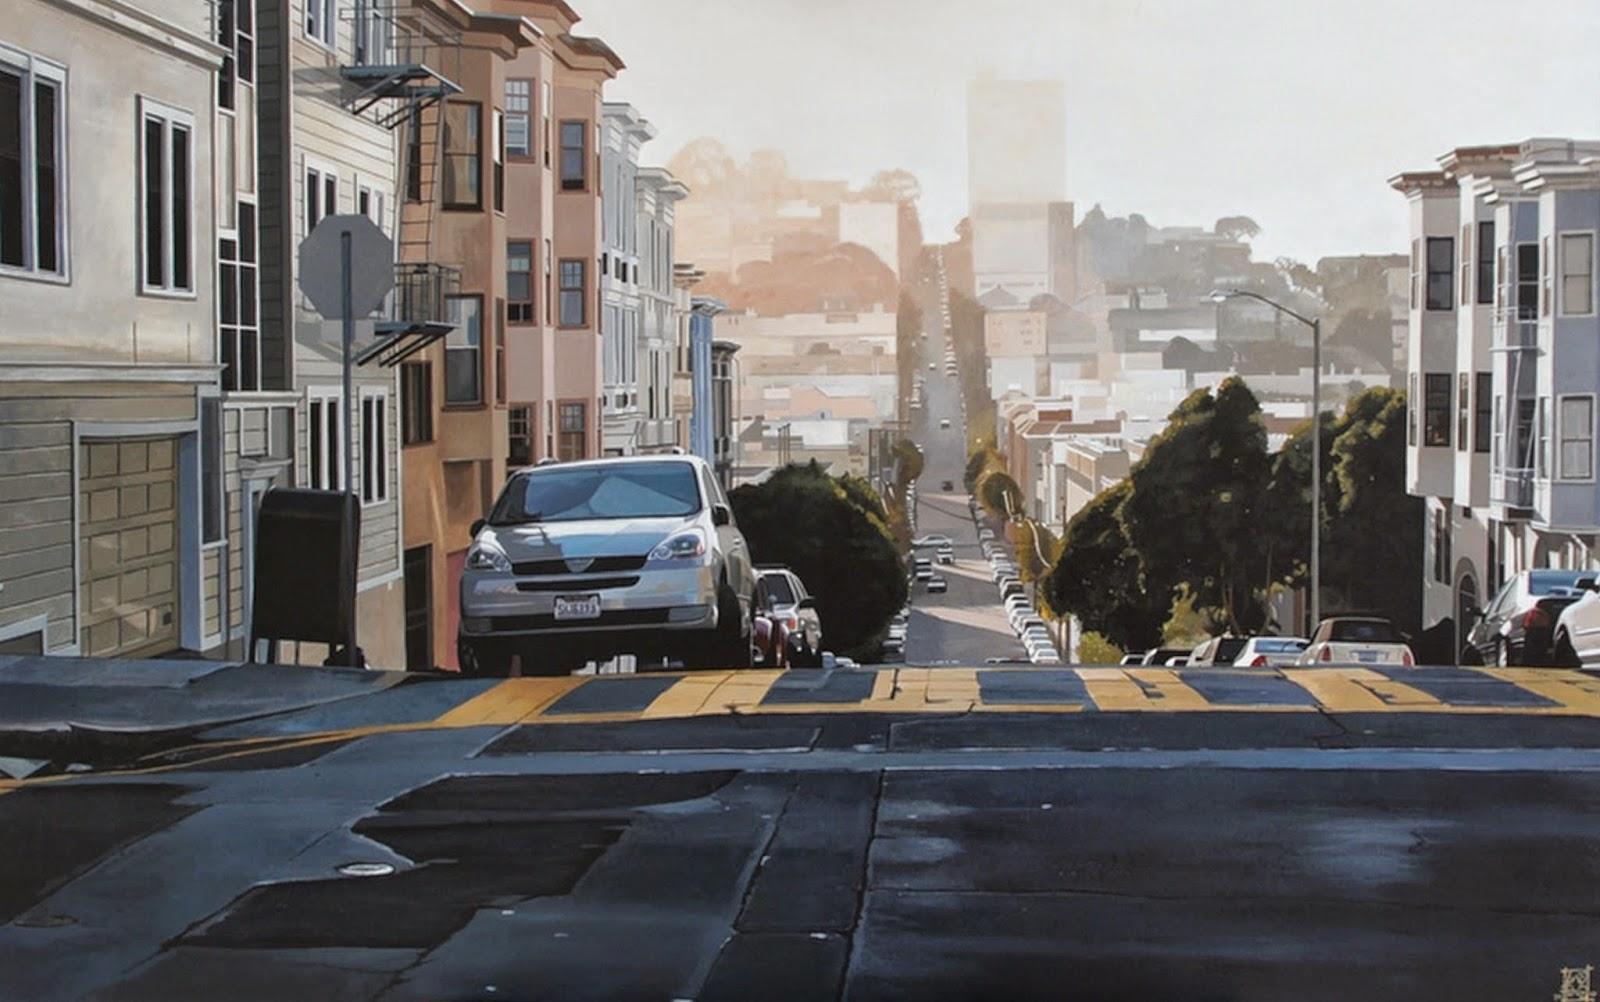 paisajes-españoles-urbanos-pintura-oleo